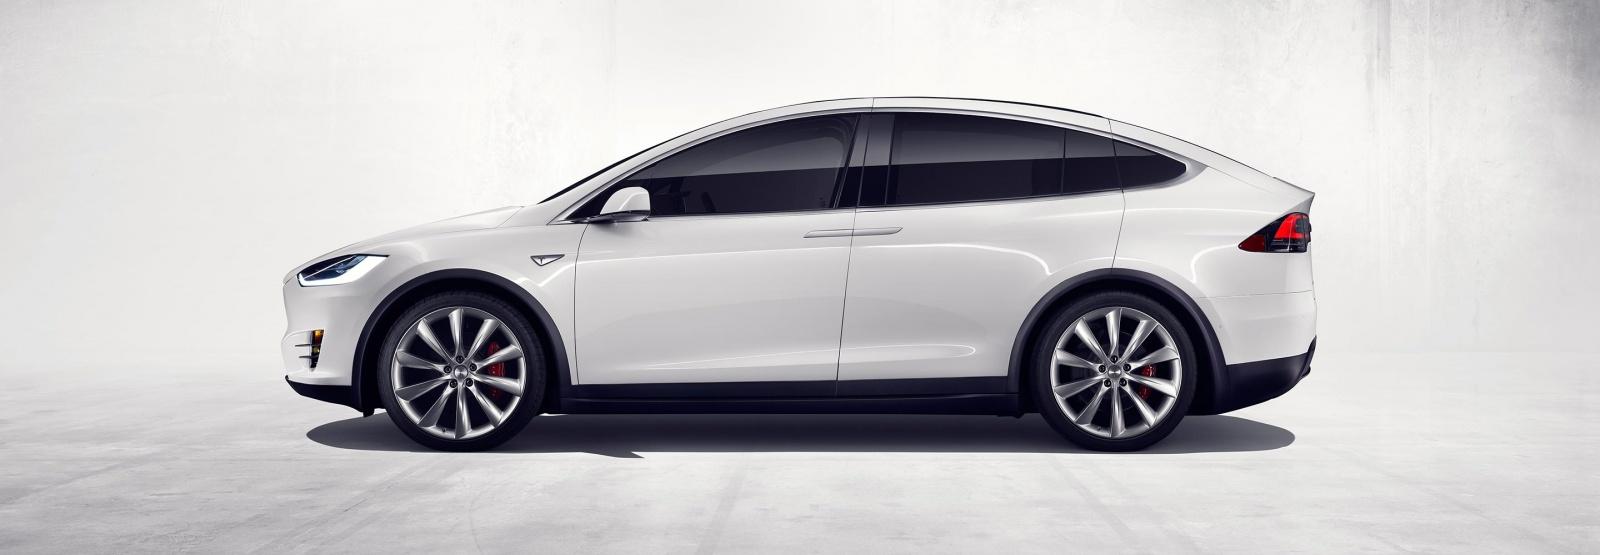 Илон Маск официально представил Tesla Model X - 2